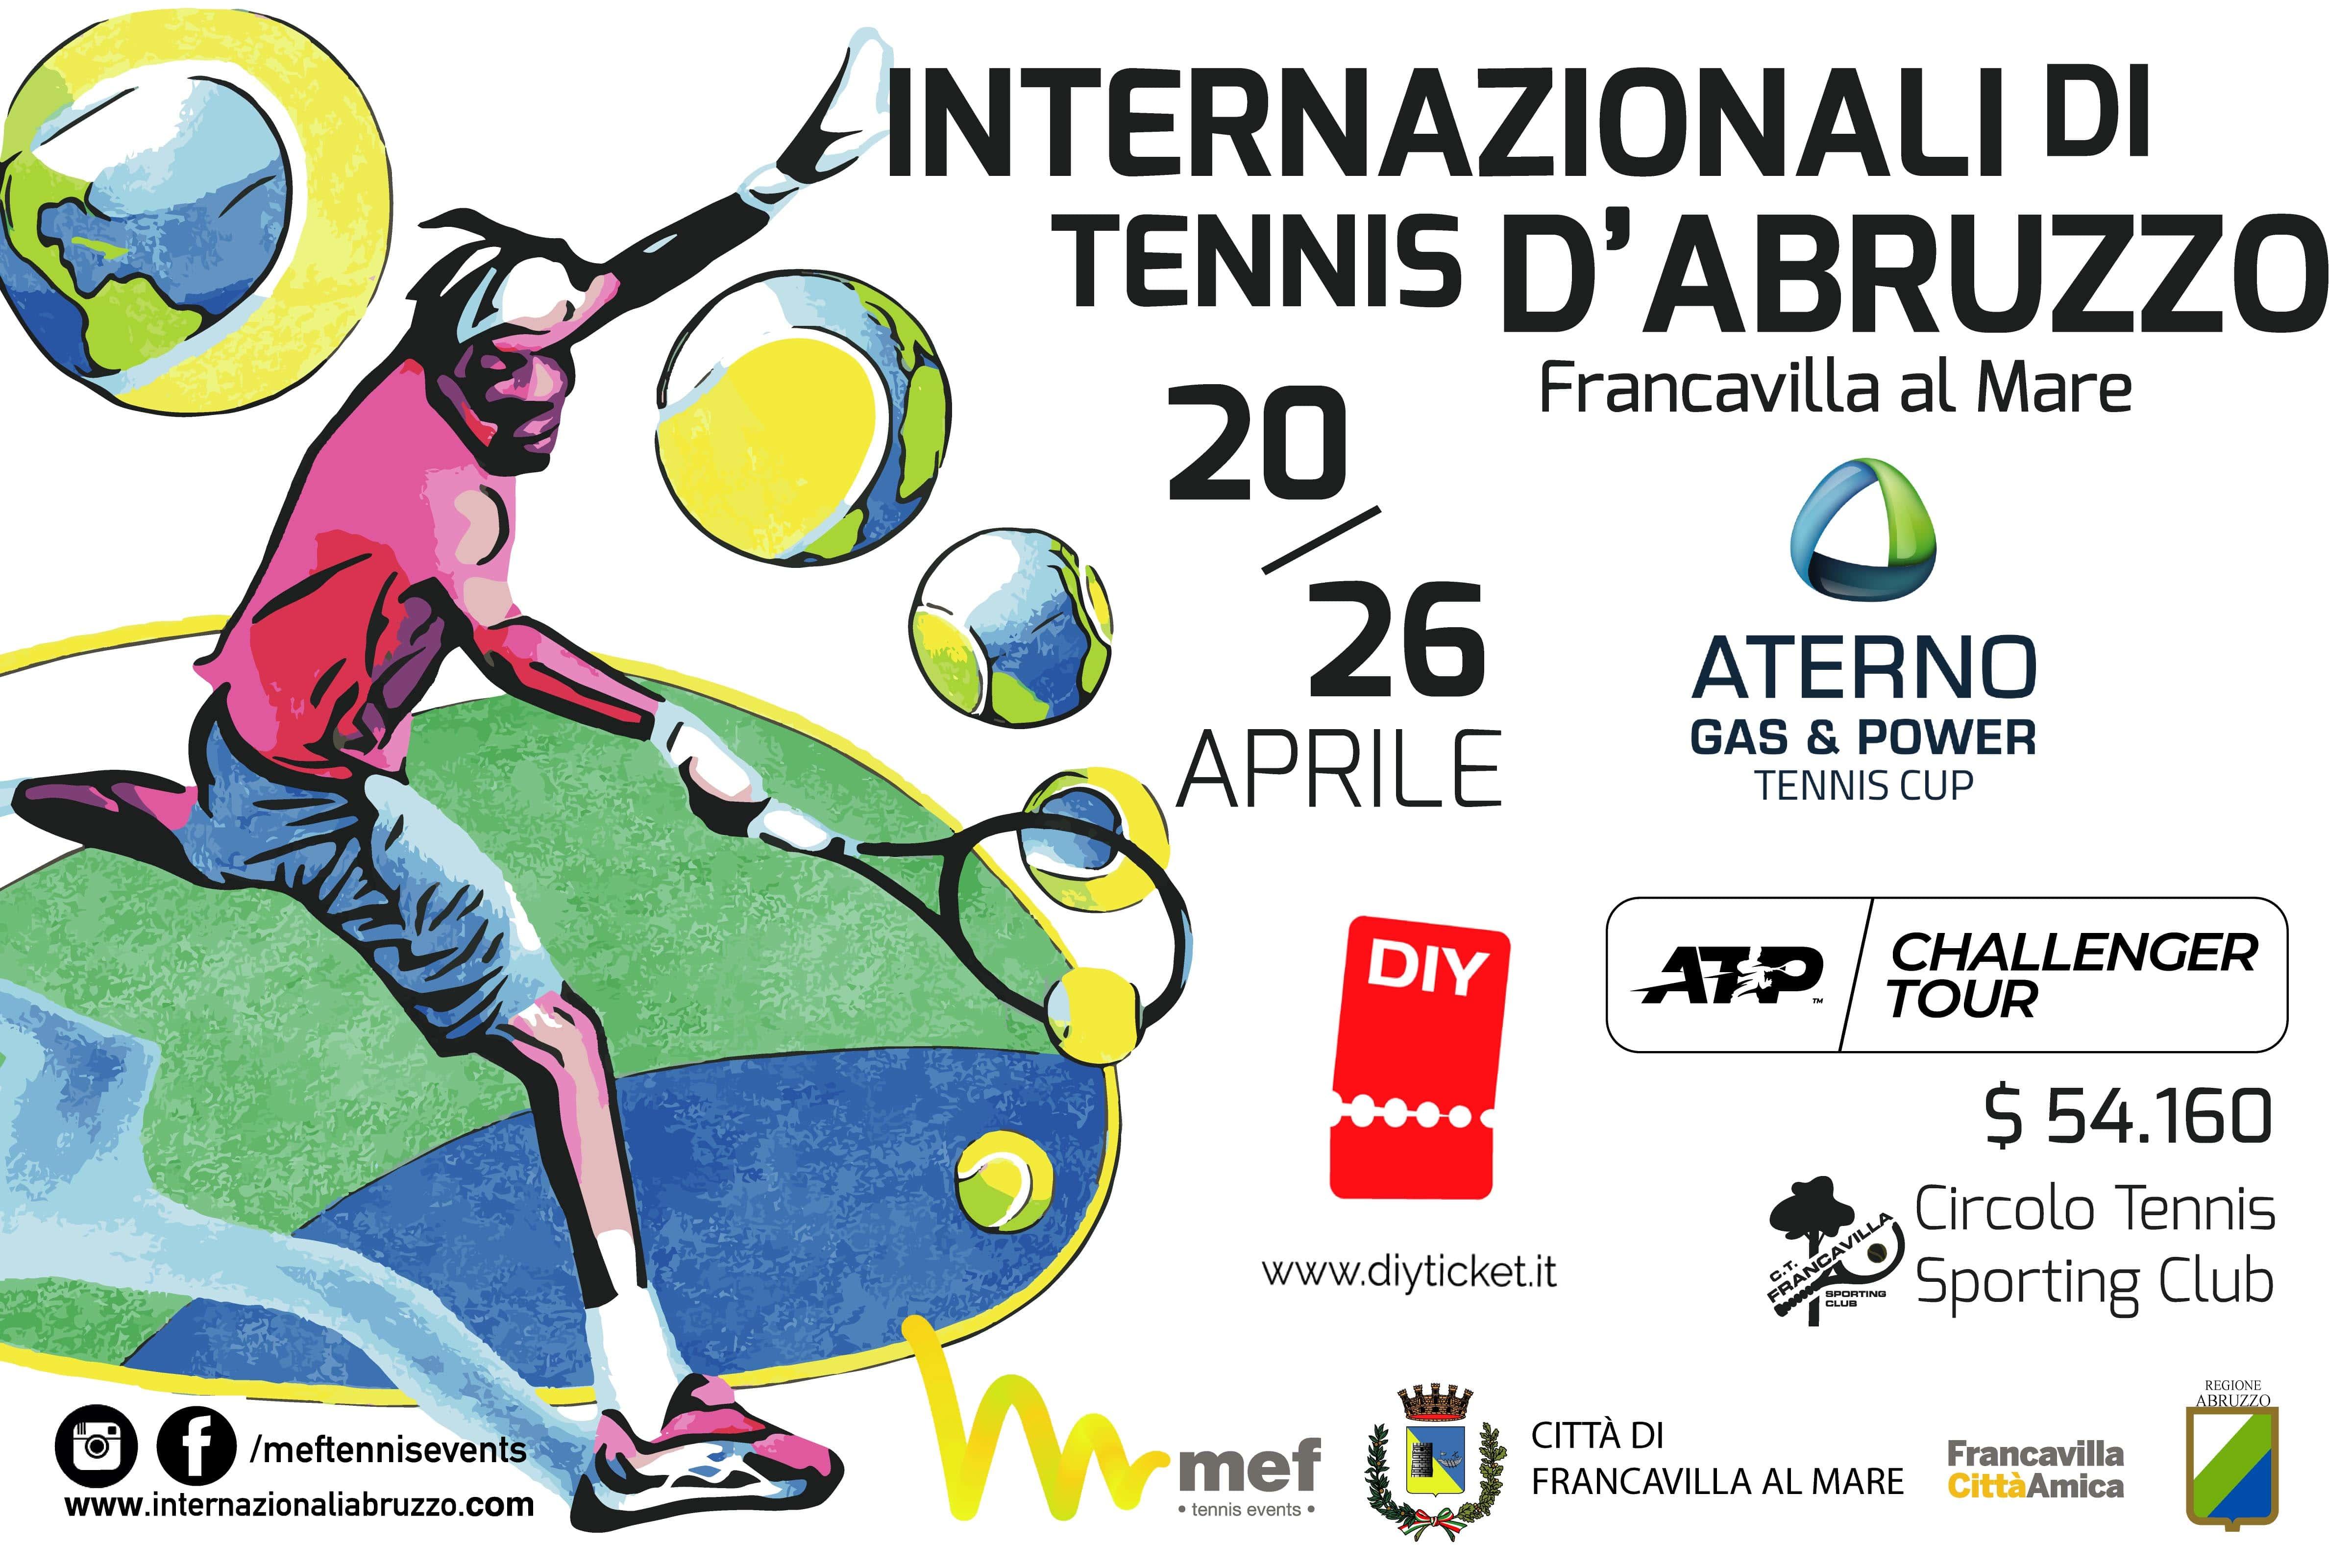 Internazionali di Tennis d'Abruzzo - Circolo Tennis Sporting Club - Francavilla (CH)